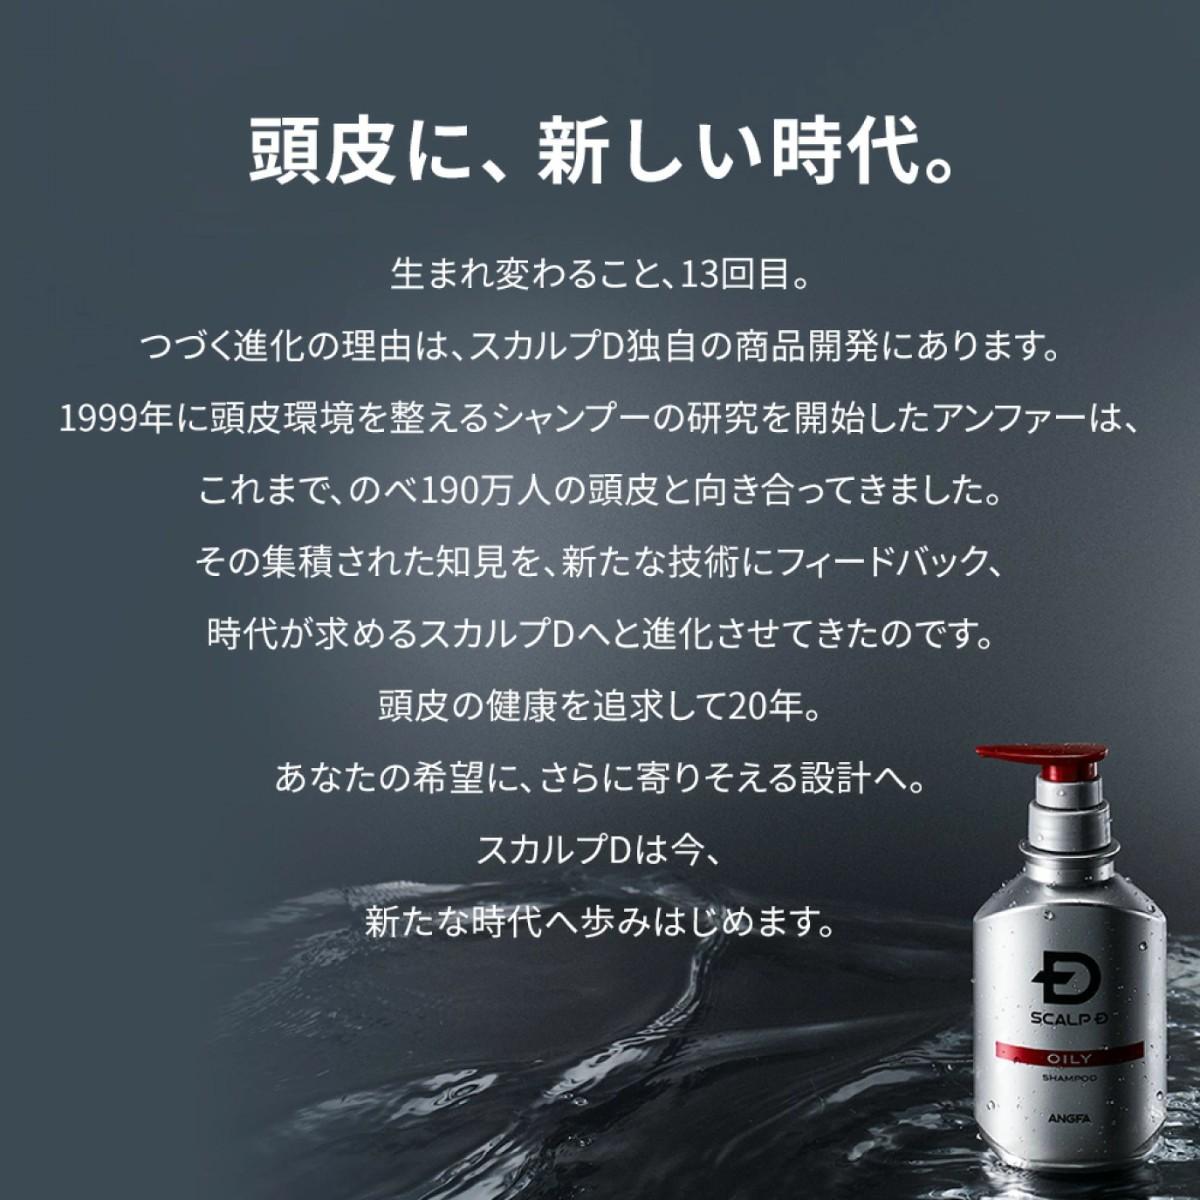 スカルプD 薬用スカルプシャンプー シャンプー&コンディショナー 350ml2点セット